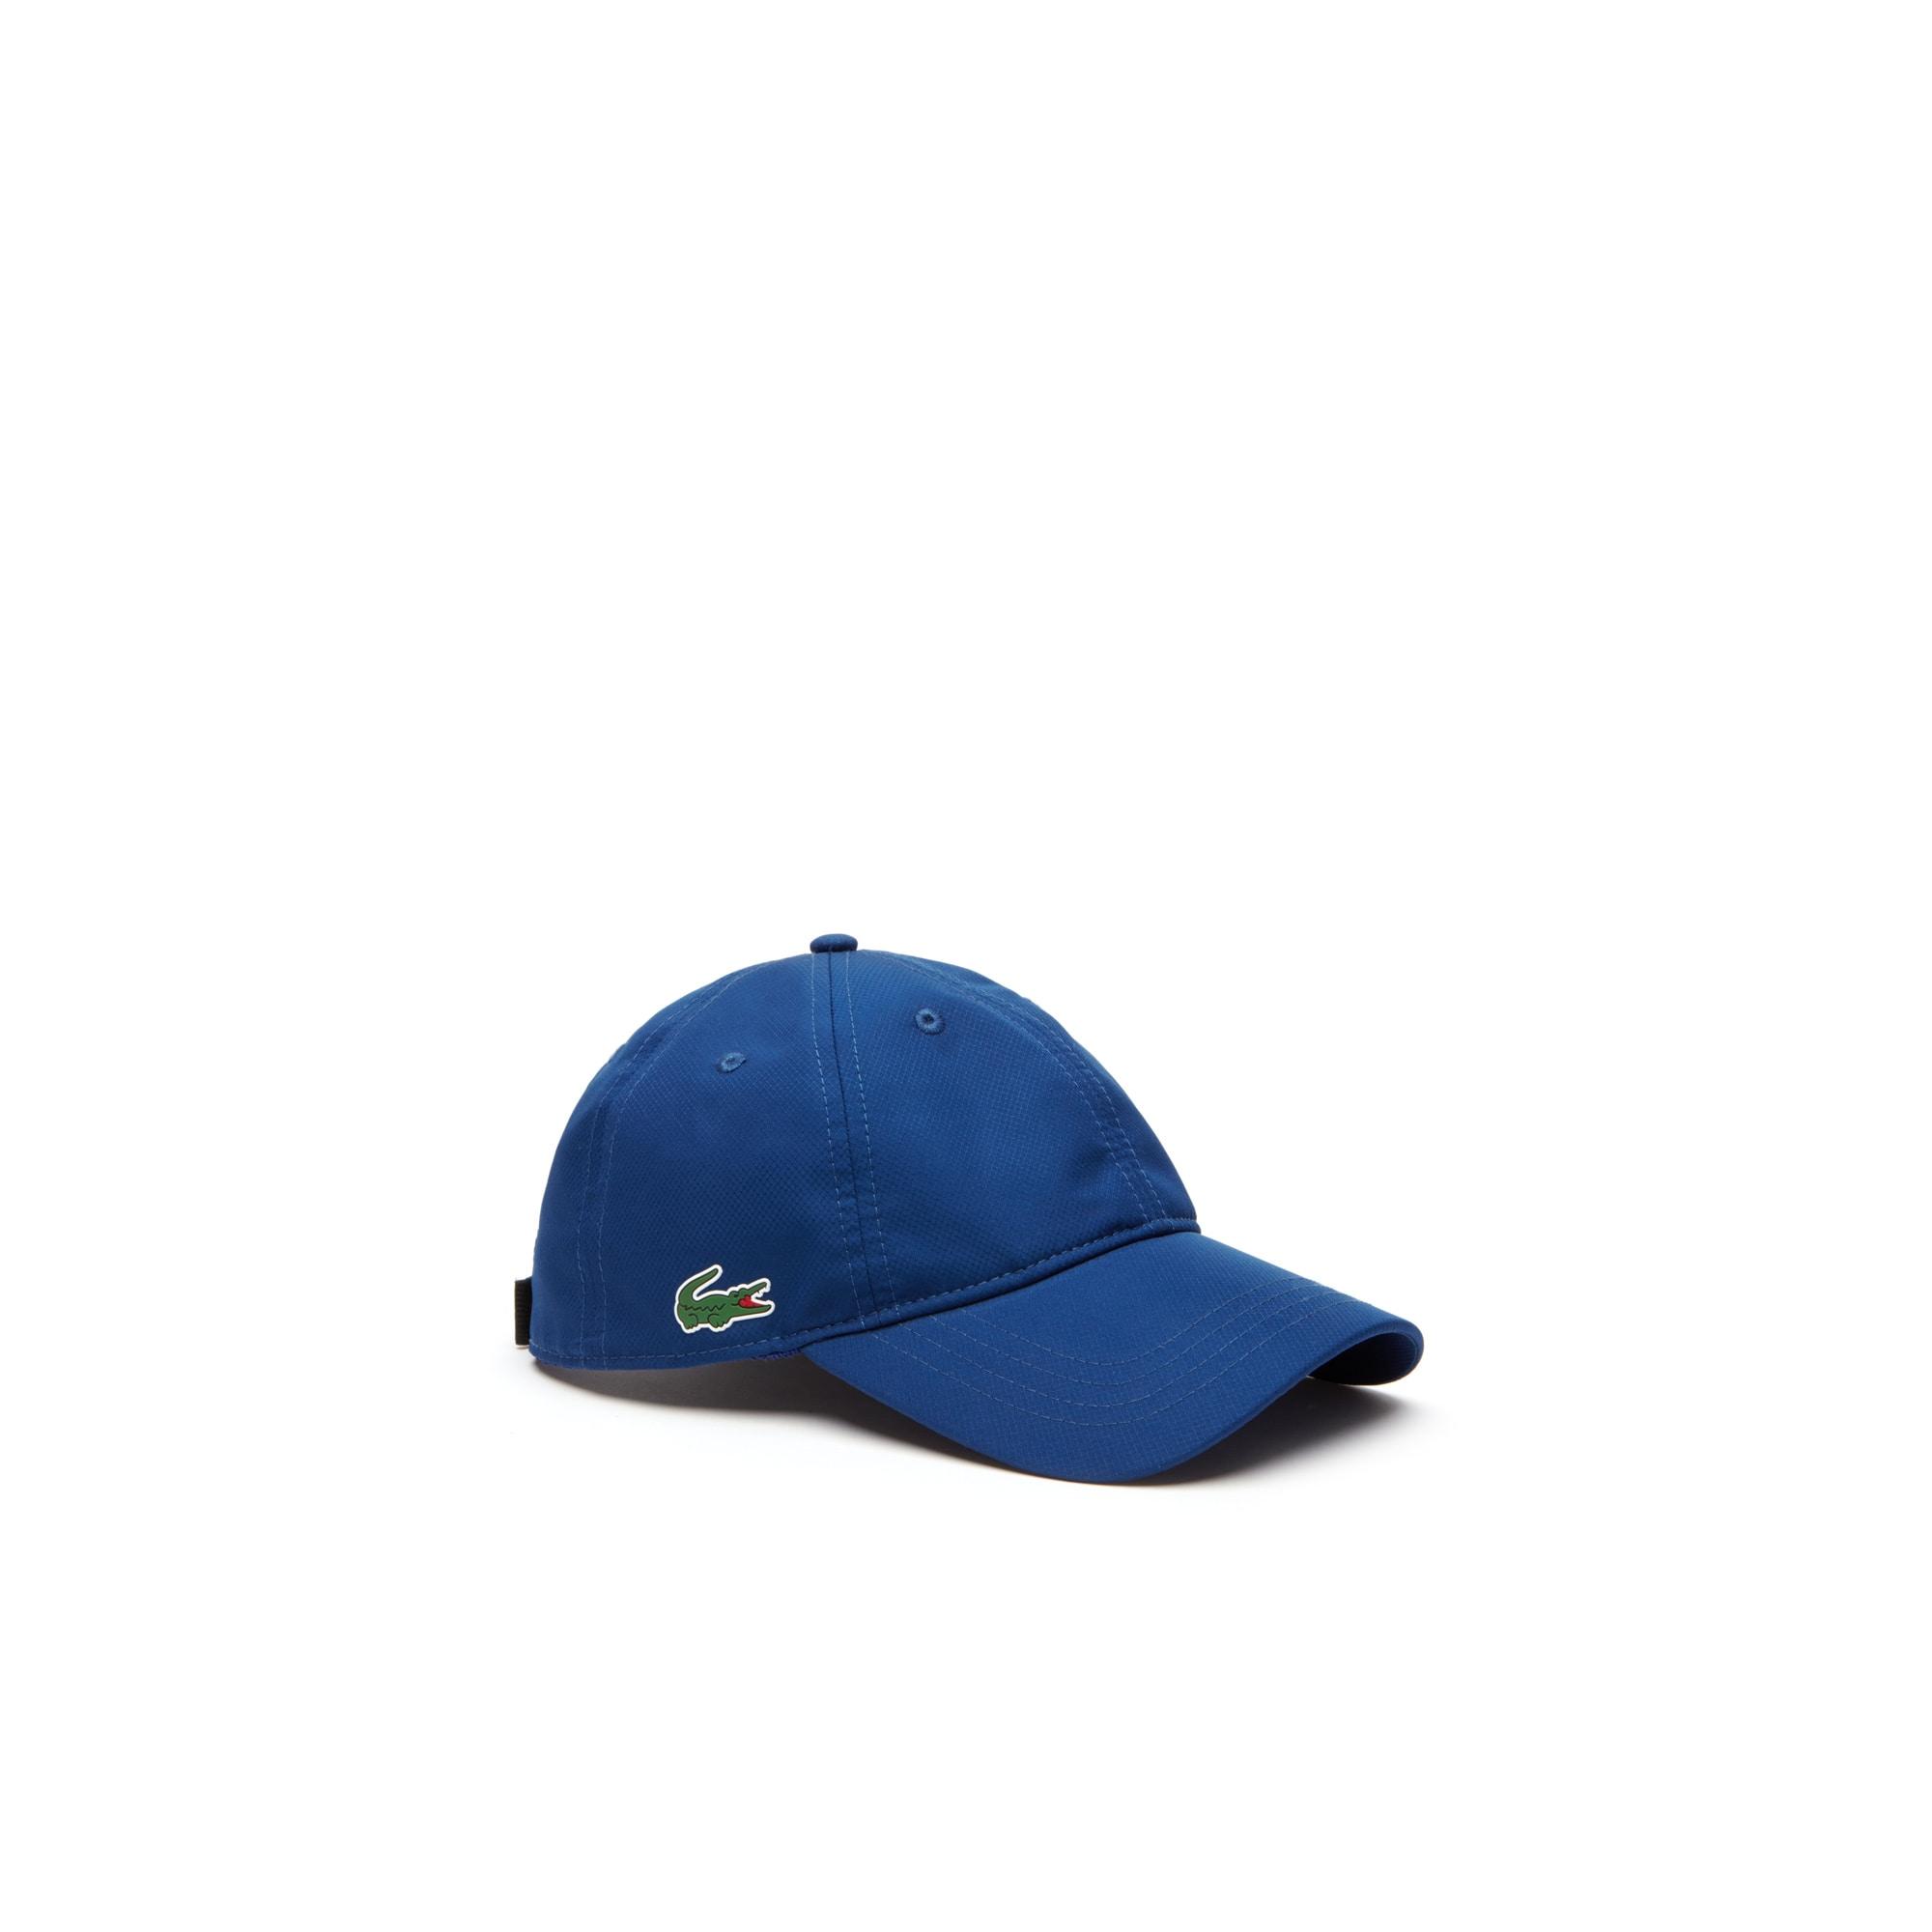 قبعة مصنوعة من نسيج التفتا الرقيق الناعم المغزول على شكل الماسات من مجموعة Lacoste SPORT للرجال